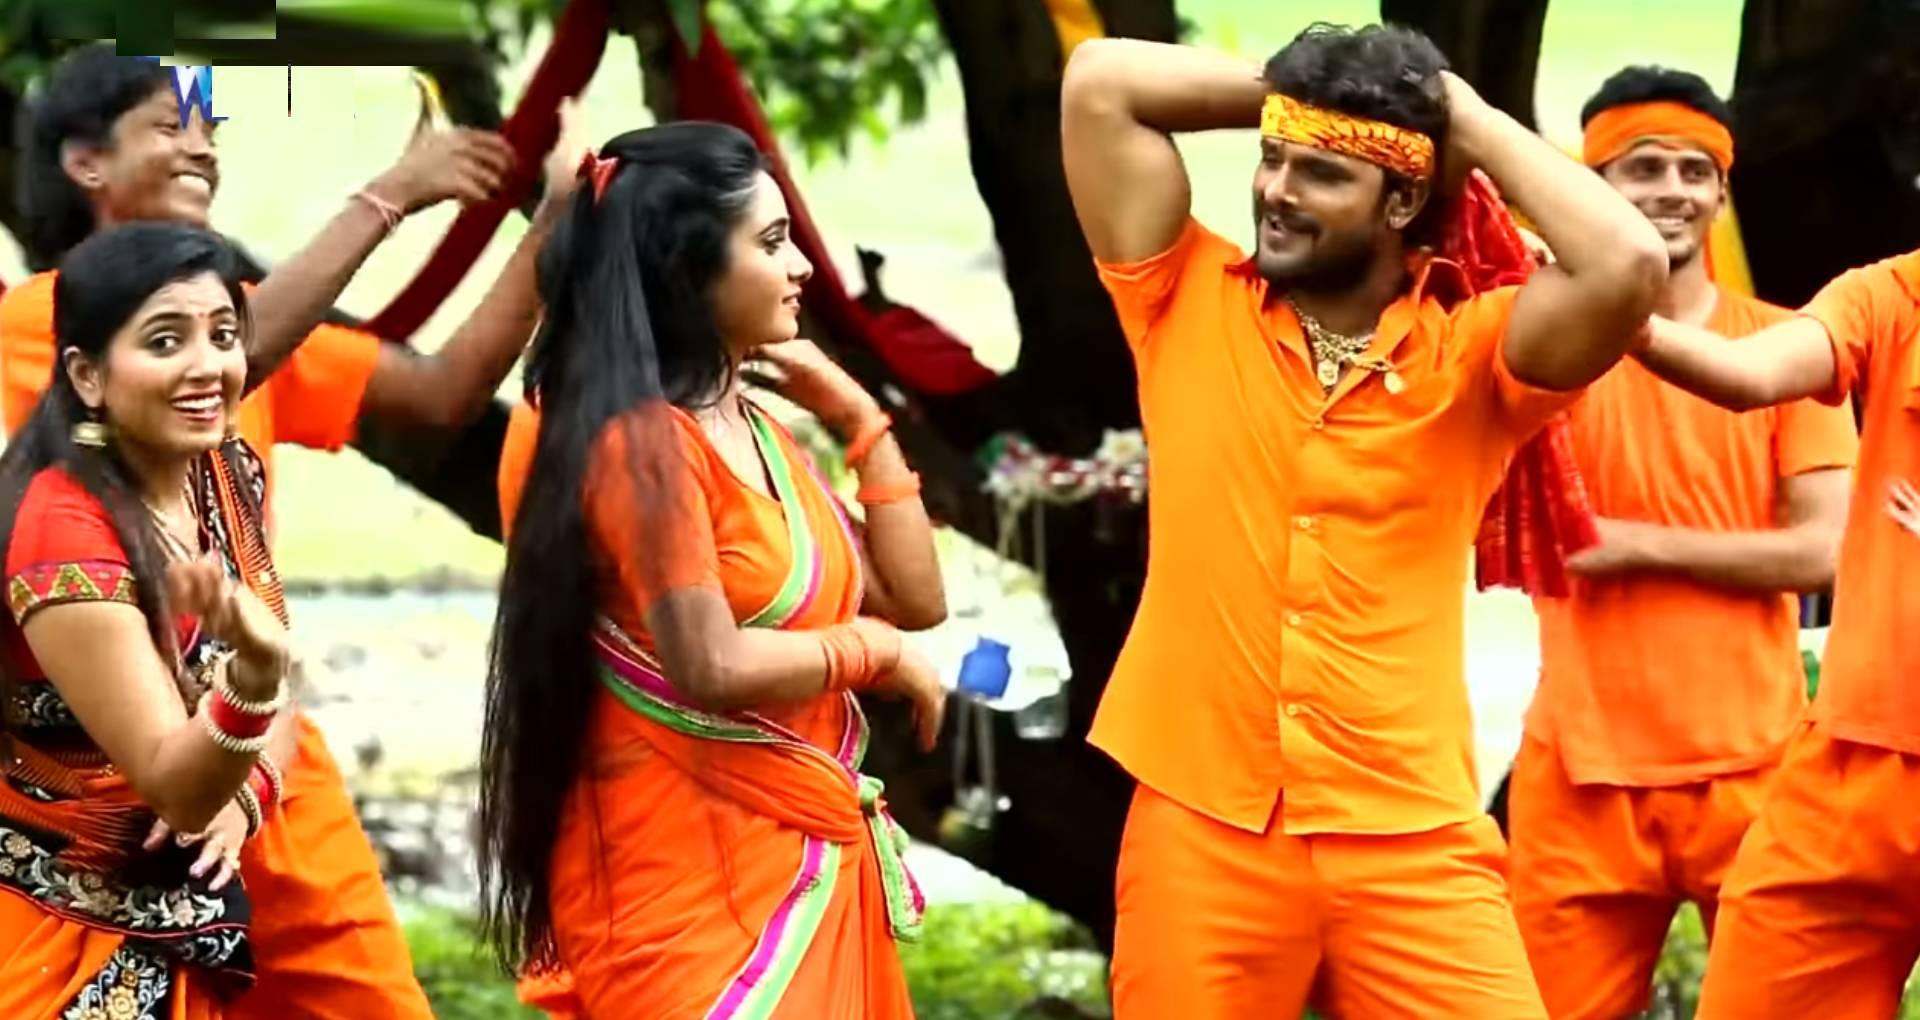 Aage Chala Jal Mili Song: कांवड़ लेकर देवघर निकले खेसारी लाल यादव, पत्नी ने की ये डिमांड, देखिए नया बोल बम गीत